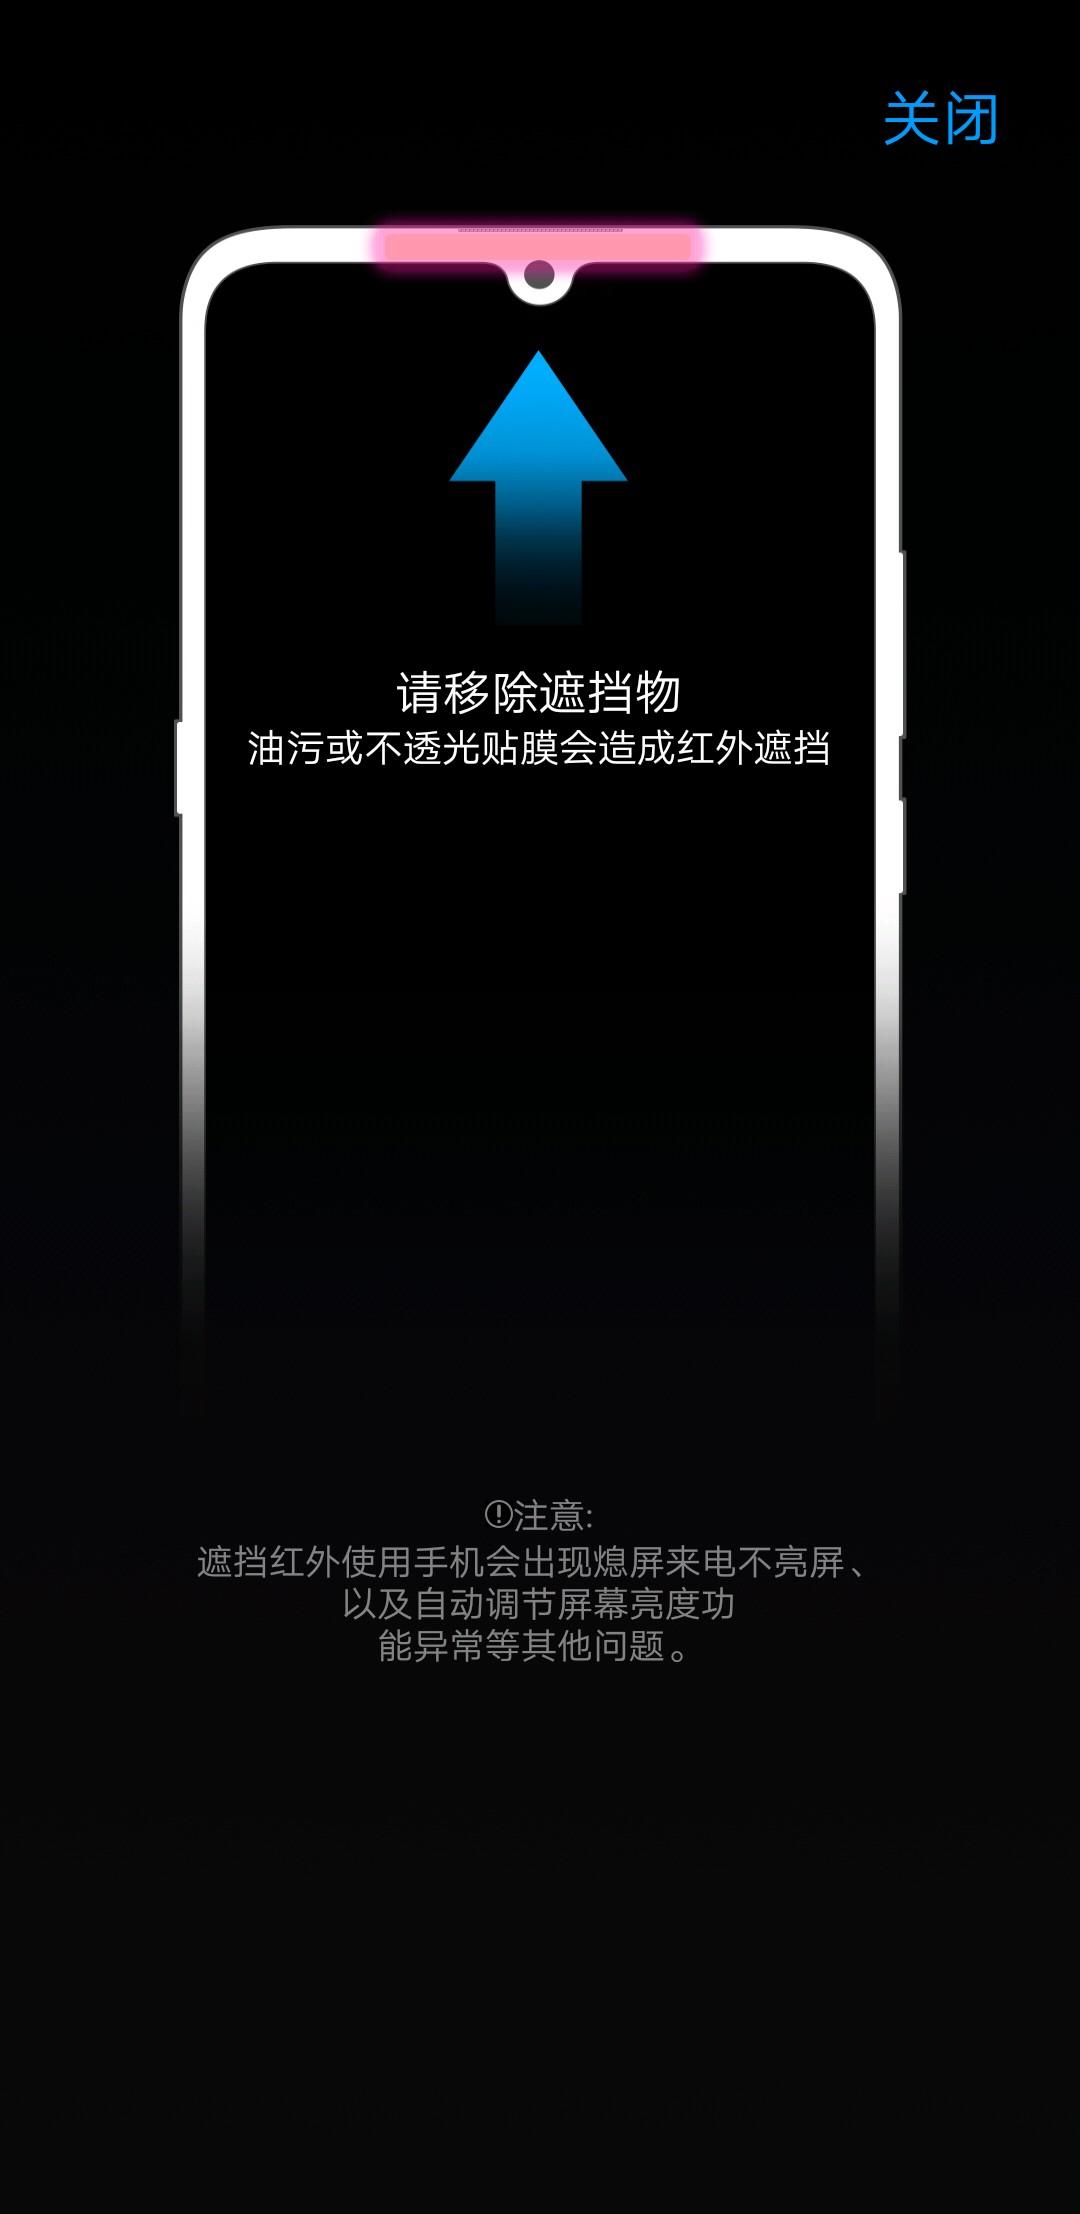 Screenshot_2019_0420_141419.jpg